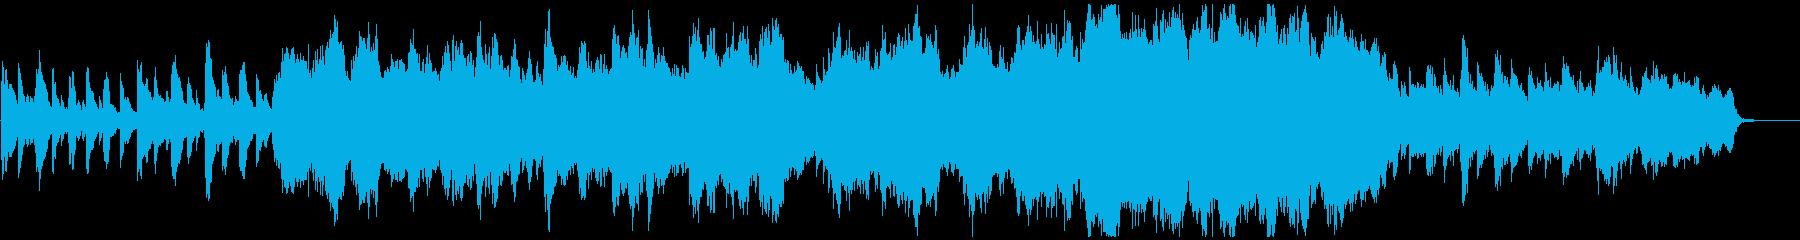 ハロウィン風のチェンバロとオーケストラの再生済みの波形